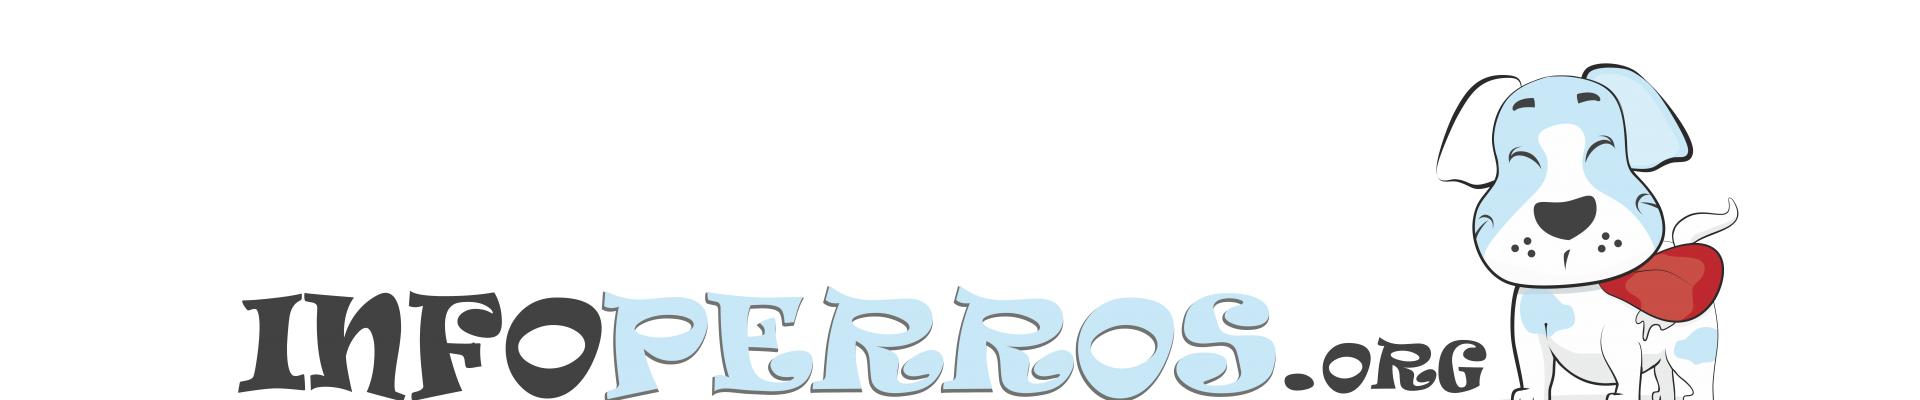 Infoperros.org